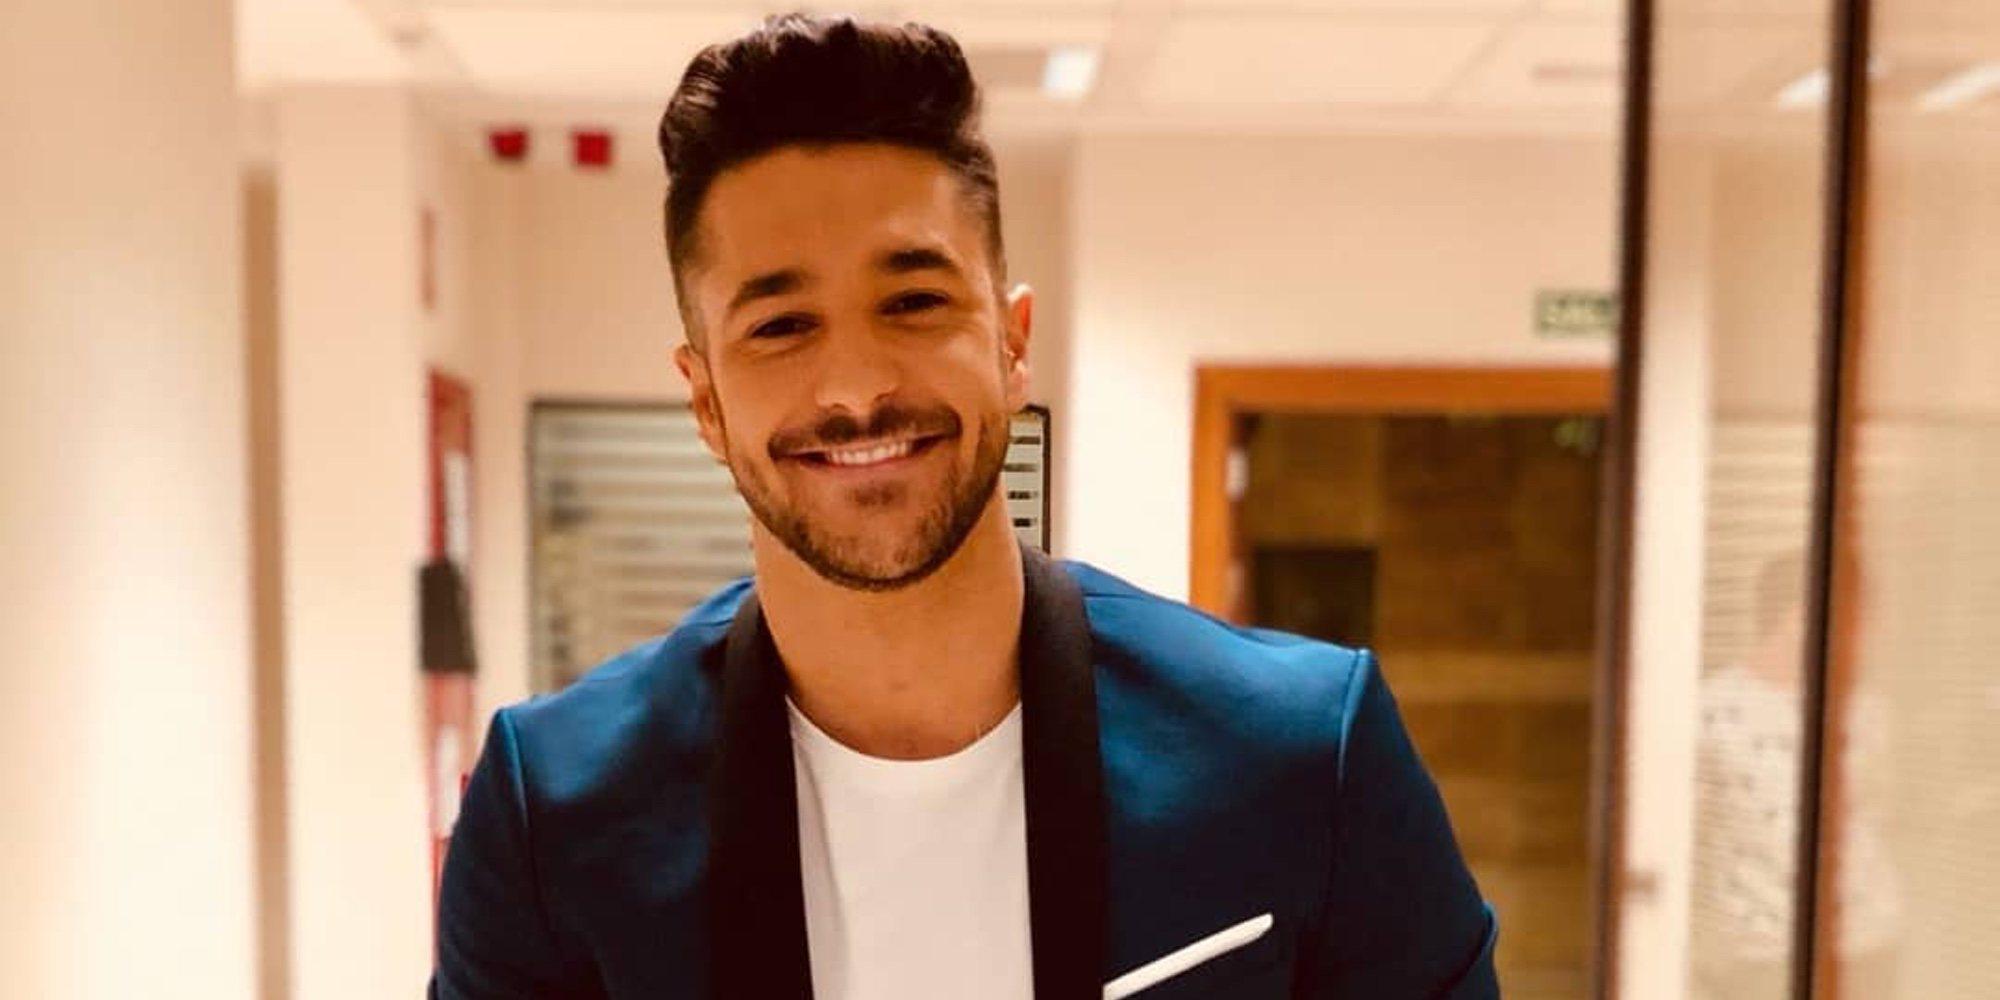 Hugo Paz podría estar conociendo a otra chica según su exnovia Jennifer Morón